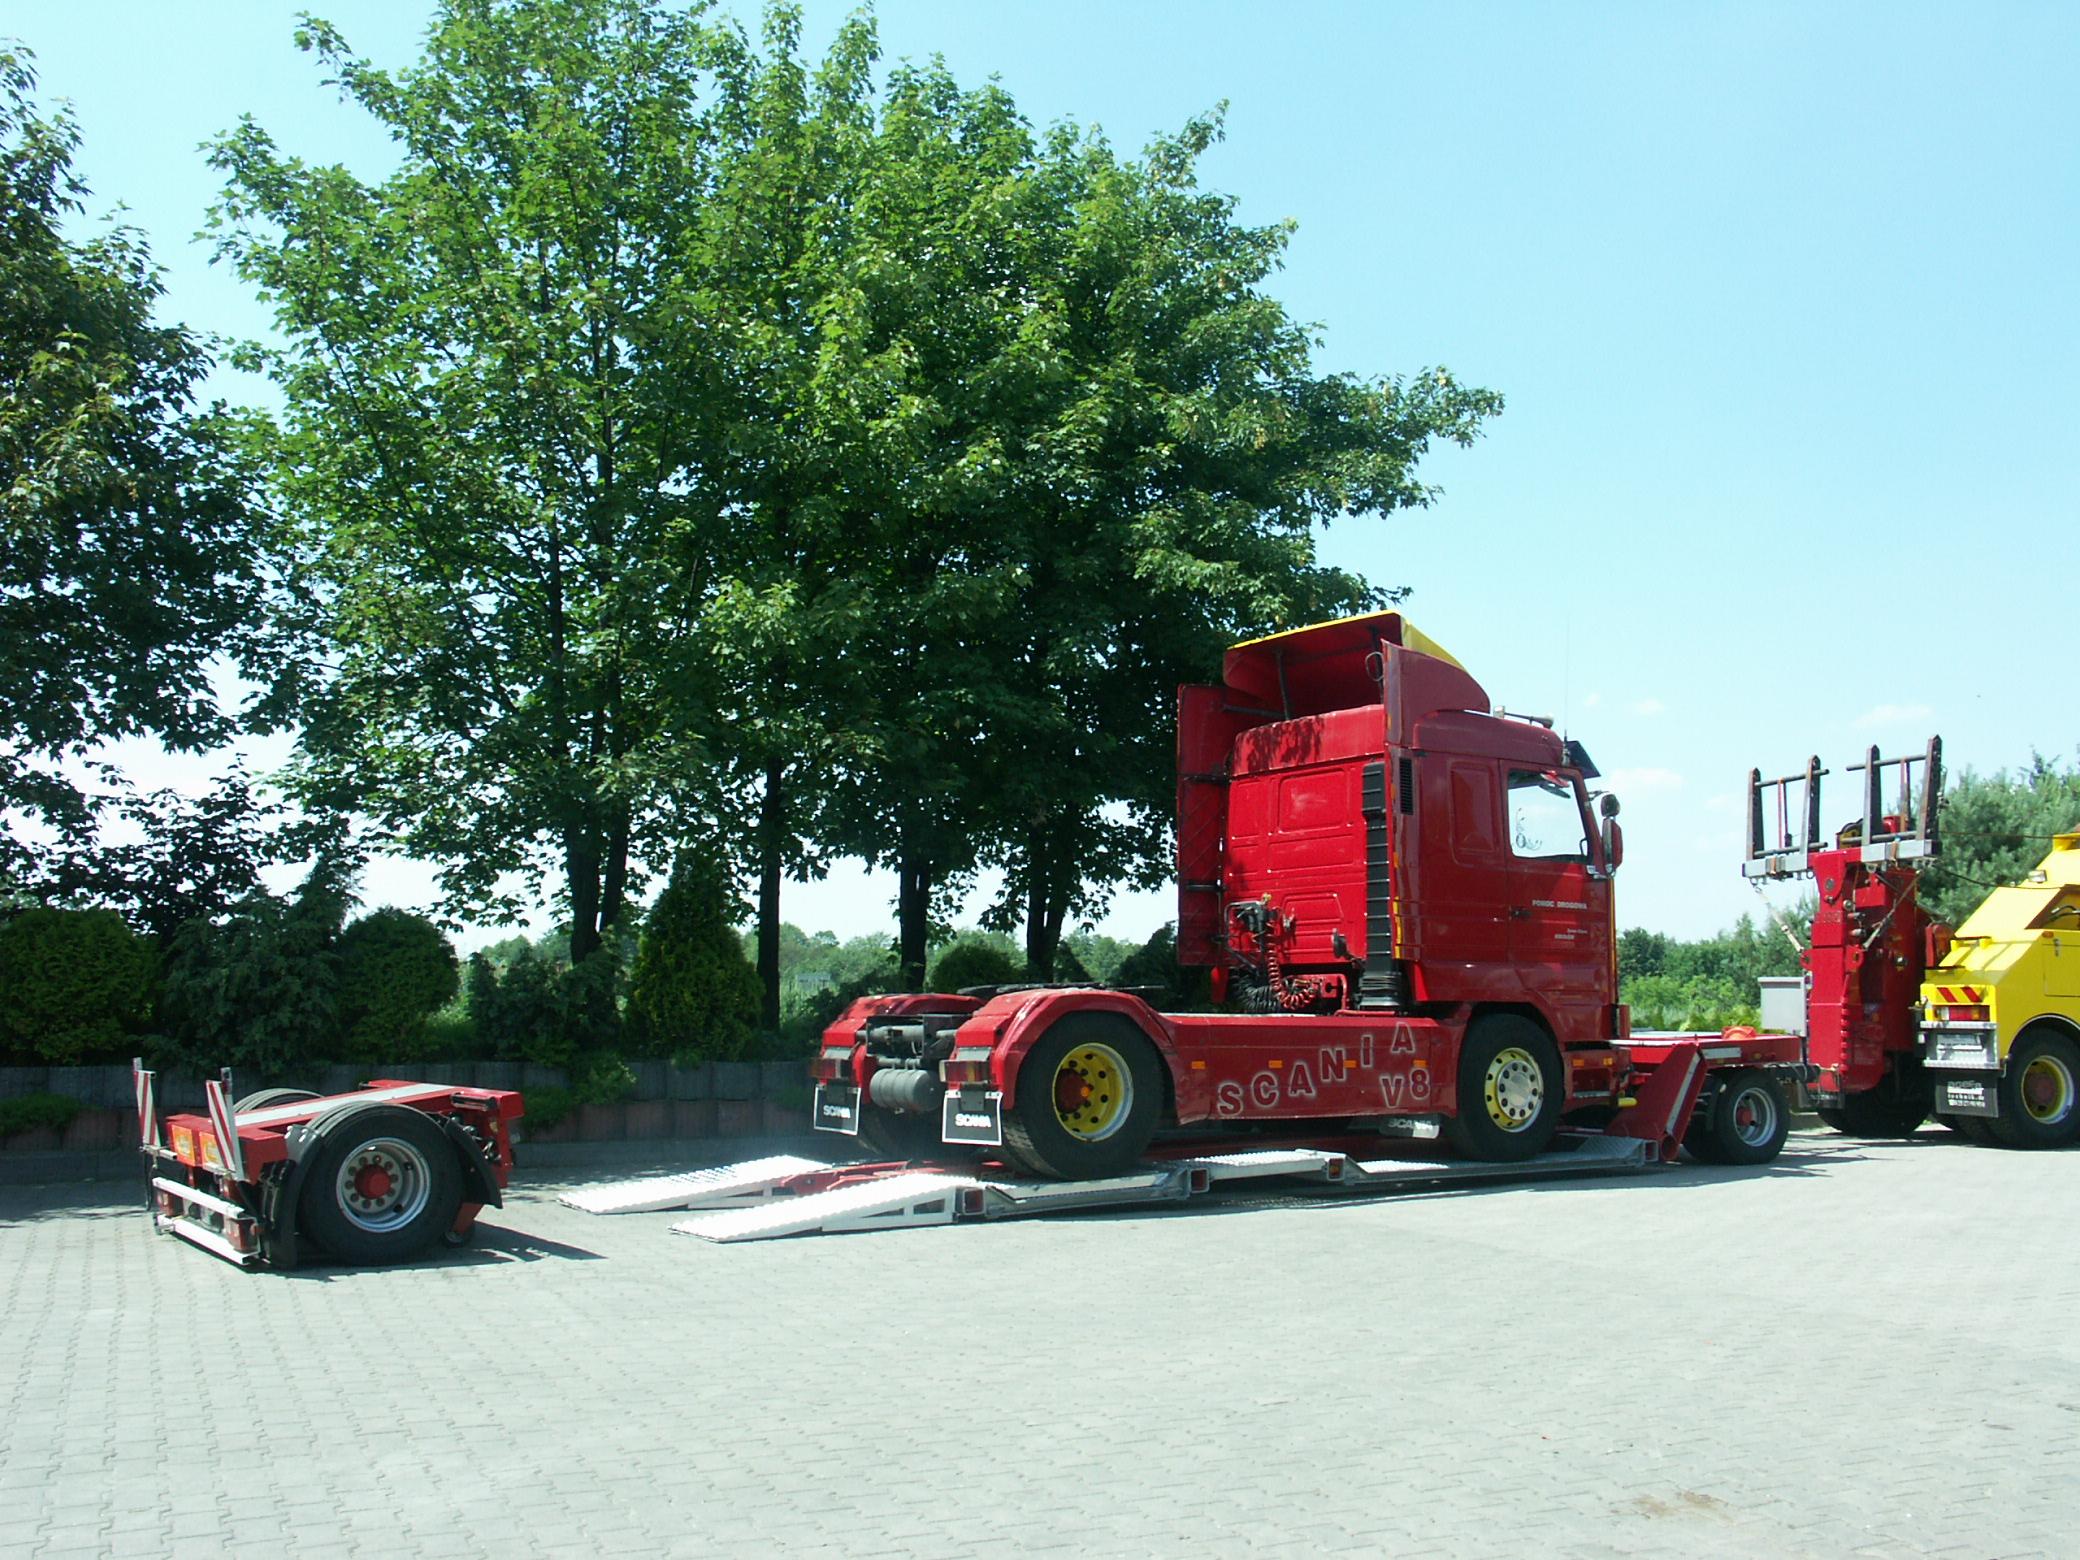 TRUCK-SERVICE  Sikora,      Pomoc Drogowa       ,pomoc drogowa dostawcze